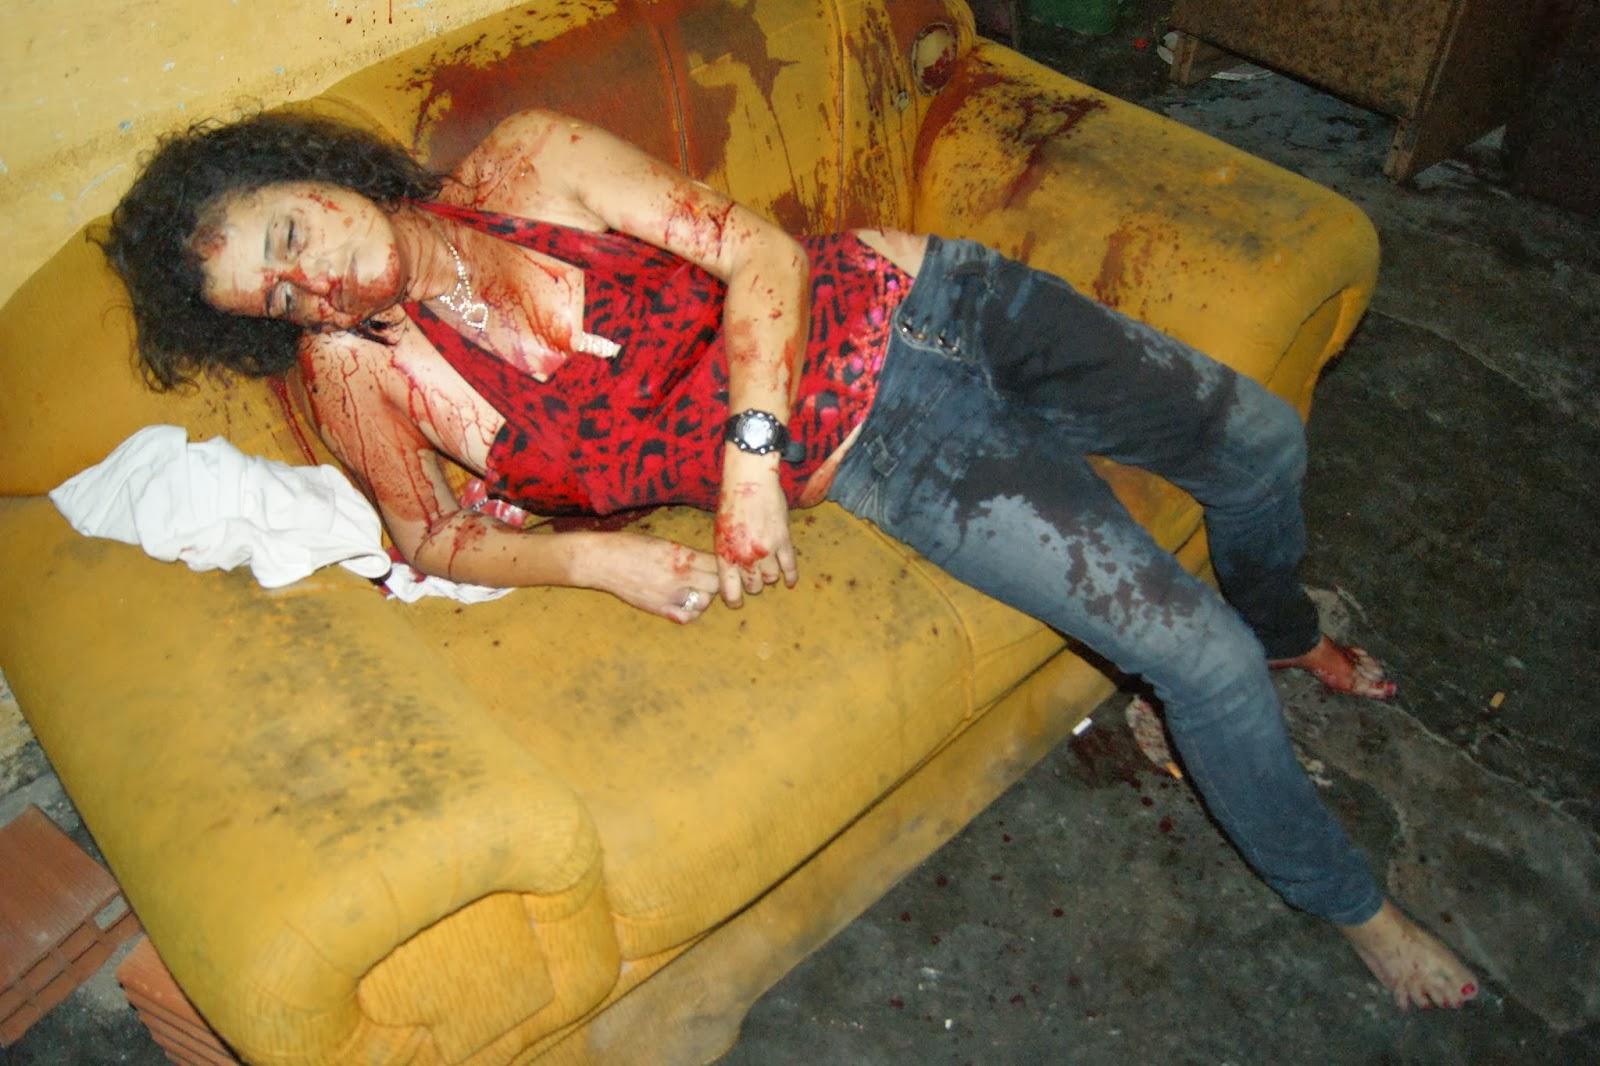 Brejo Informes Mulher 201 Assassinada A Facadas Dentro De